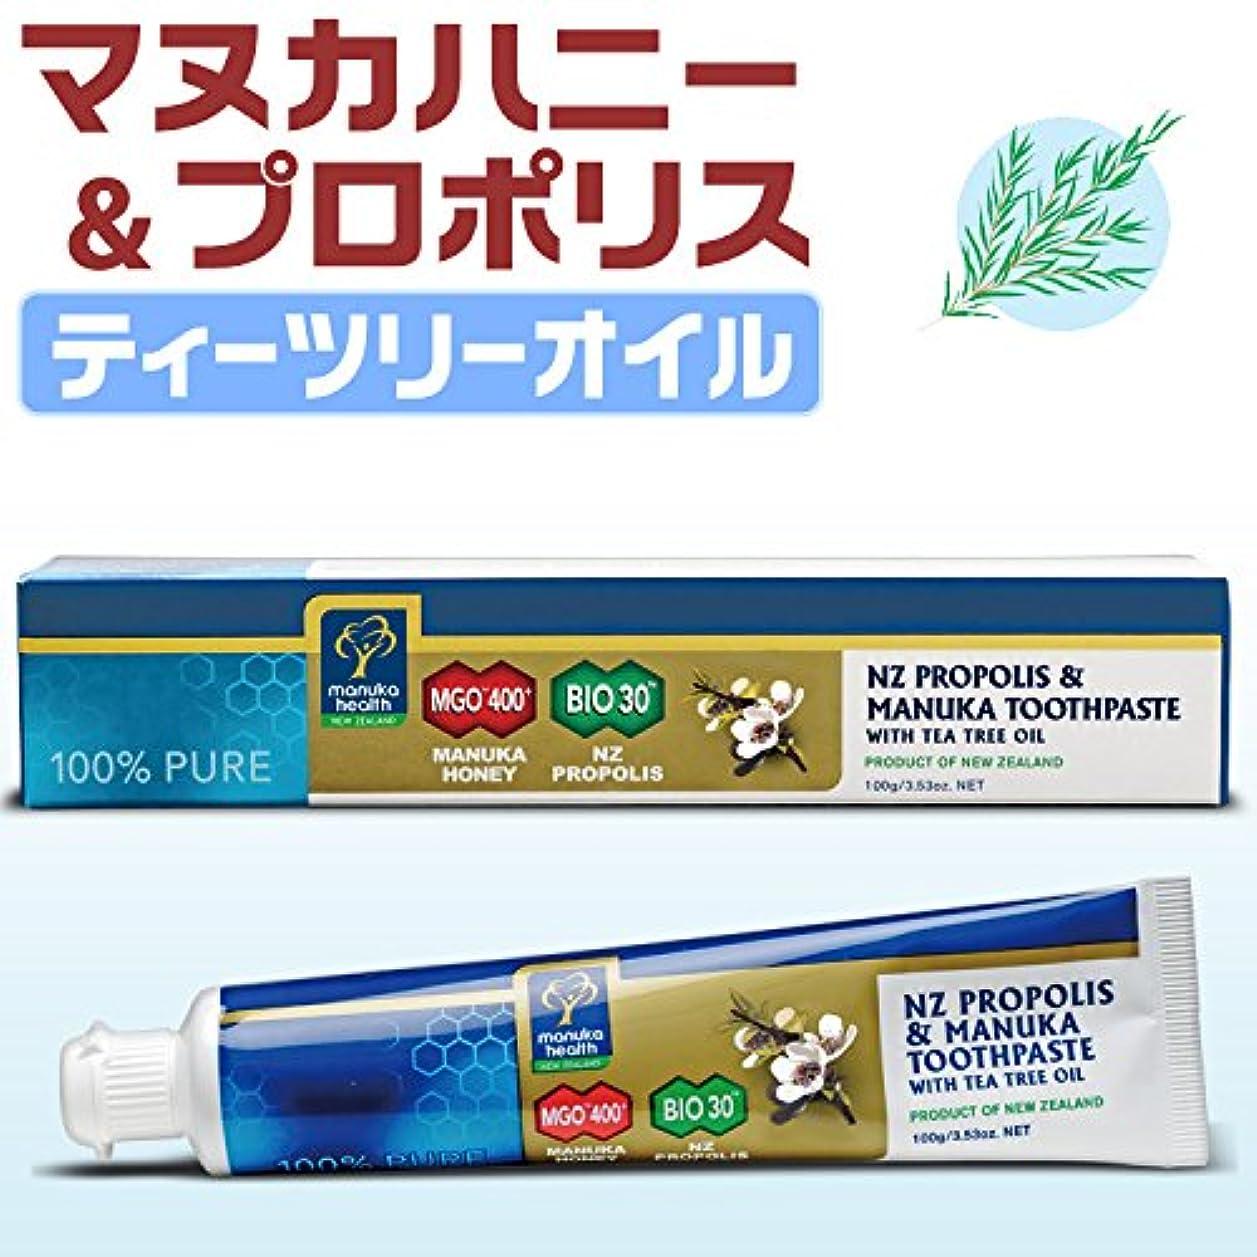 助手小屋国際プロポリス&マヌカハニー MGO400+ ティーツリーオイル 歯磨き粉 [100g]青